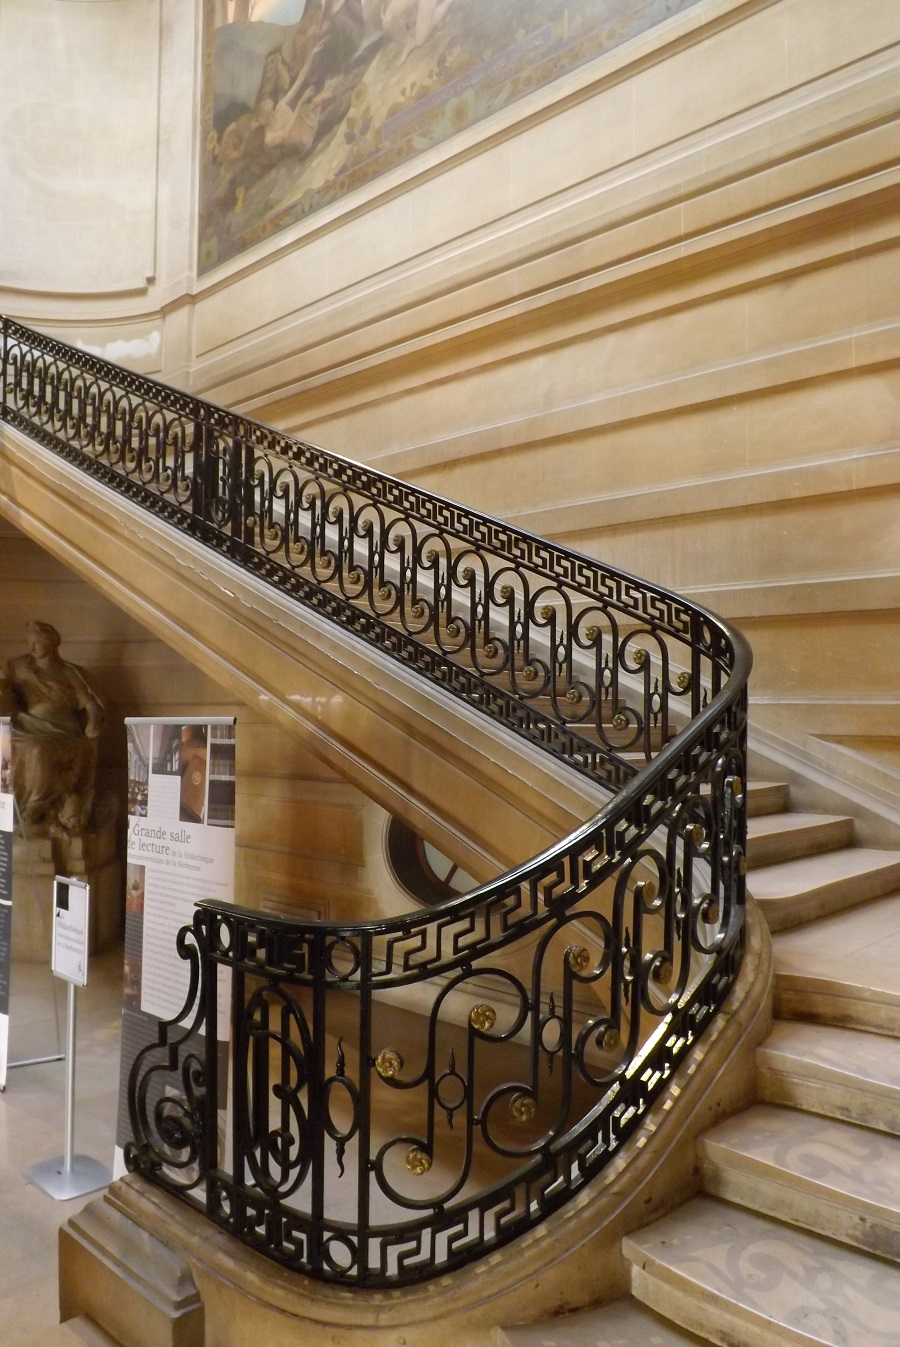 escalier d'honneur de la bibliothèque